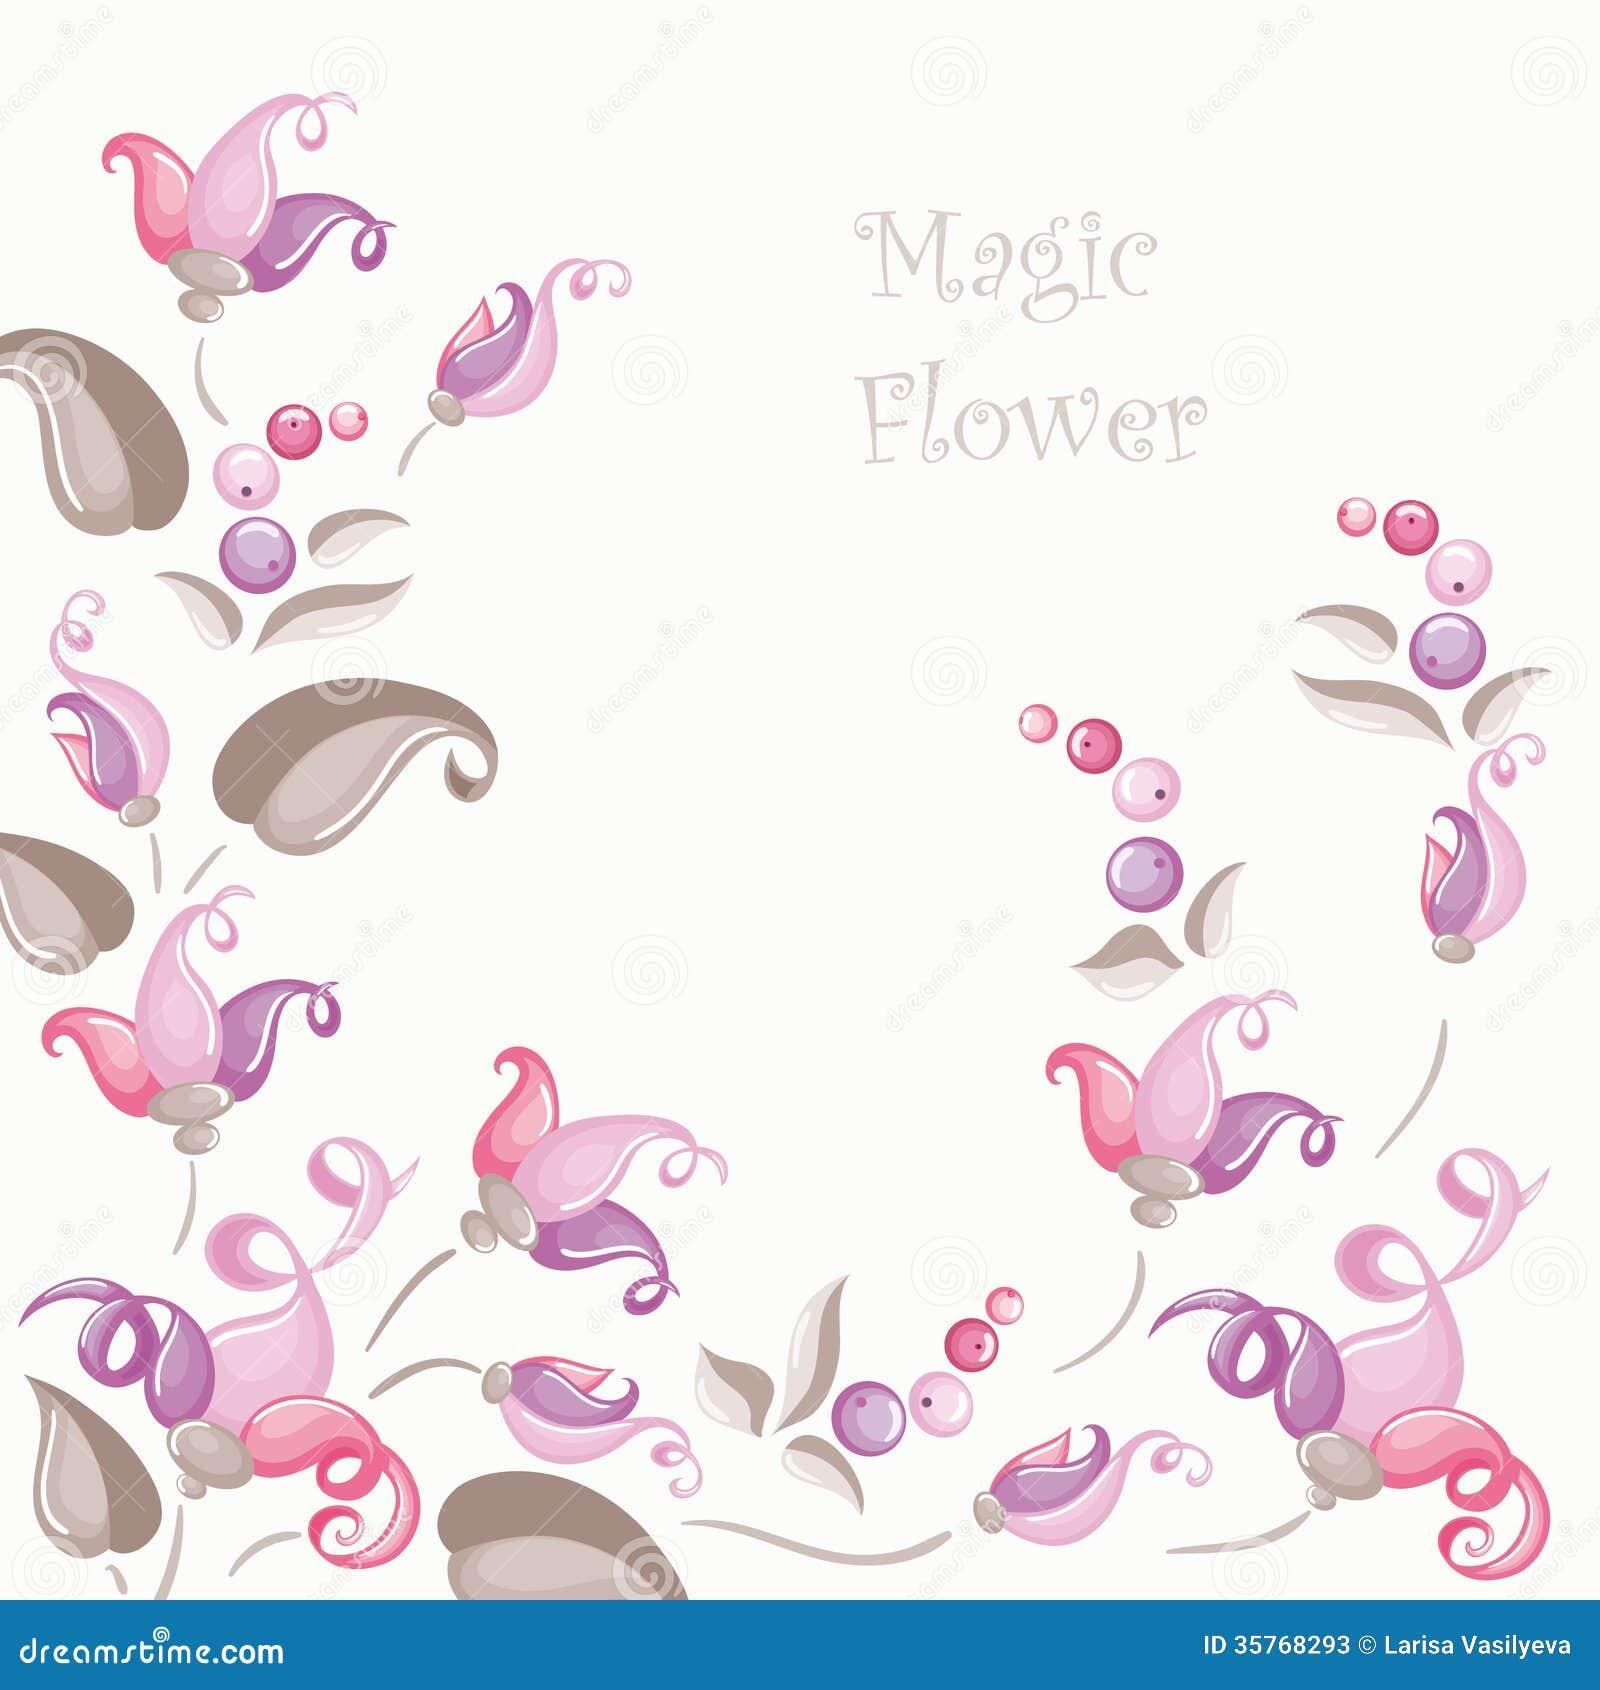 Flower design for cards robertottni flower design for cards altavistaventures Images